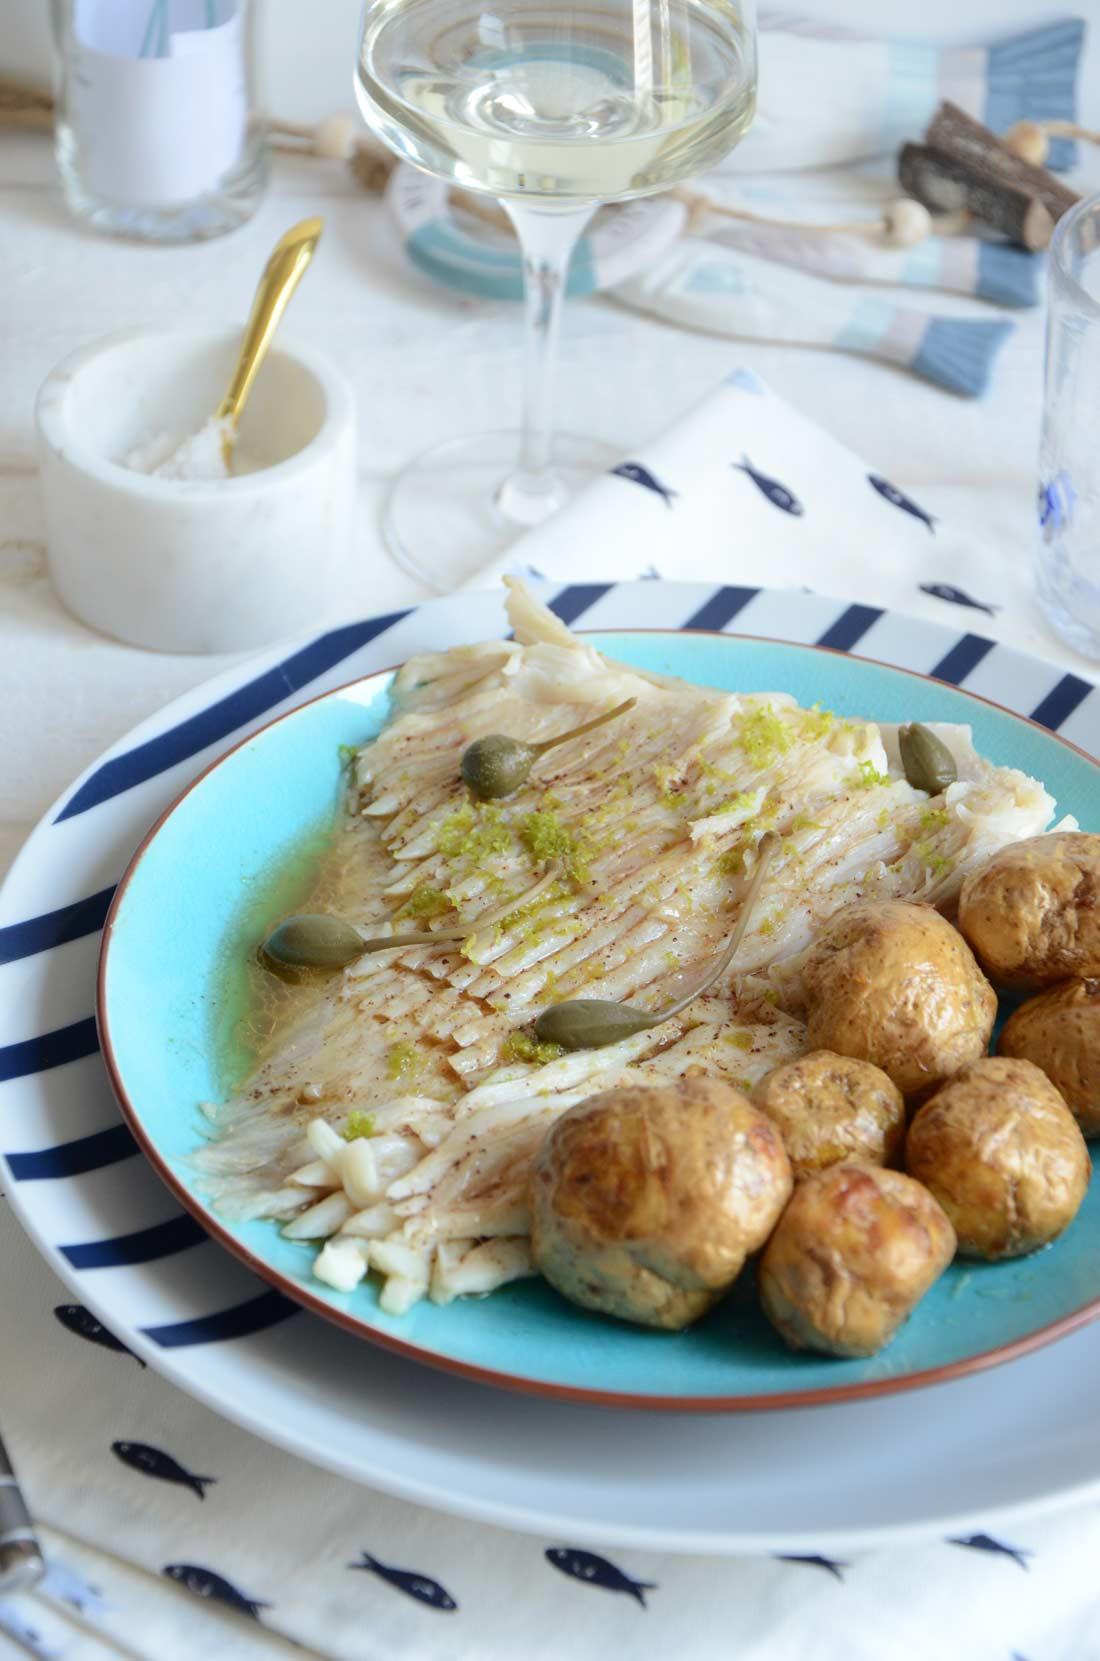 Raie beurre noisette combava, une recette de poisson bien fraiche